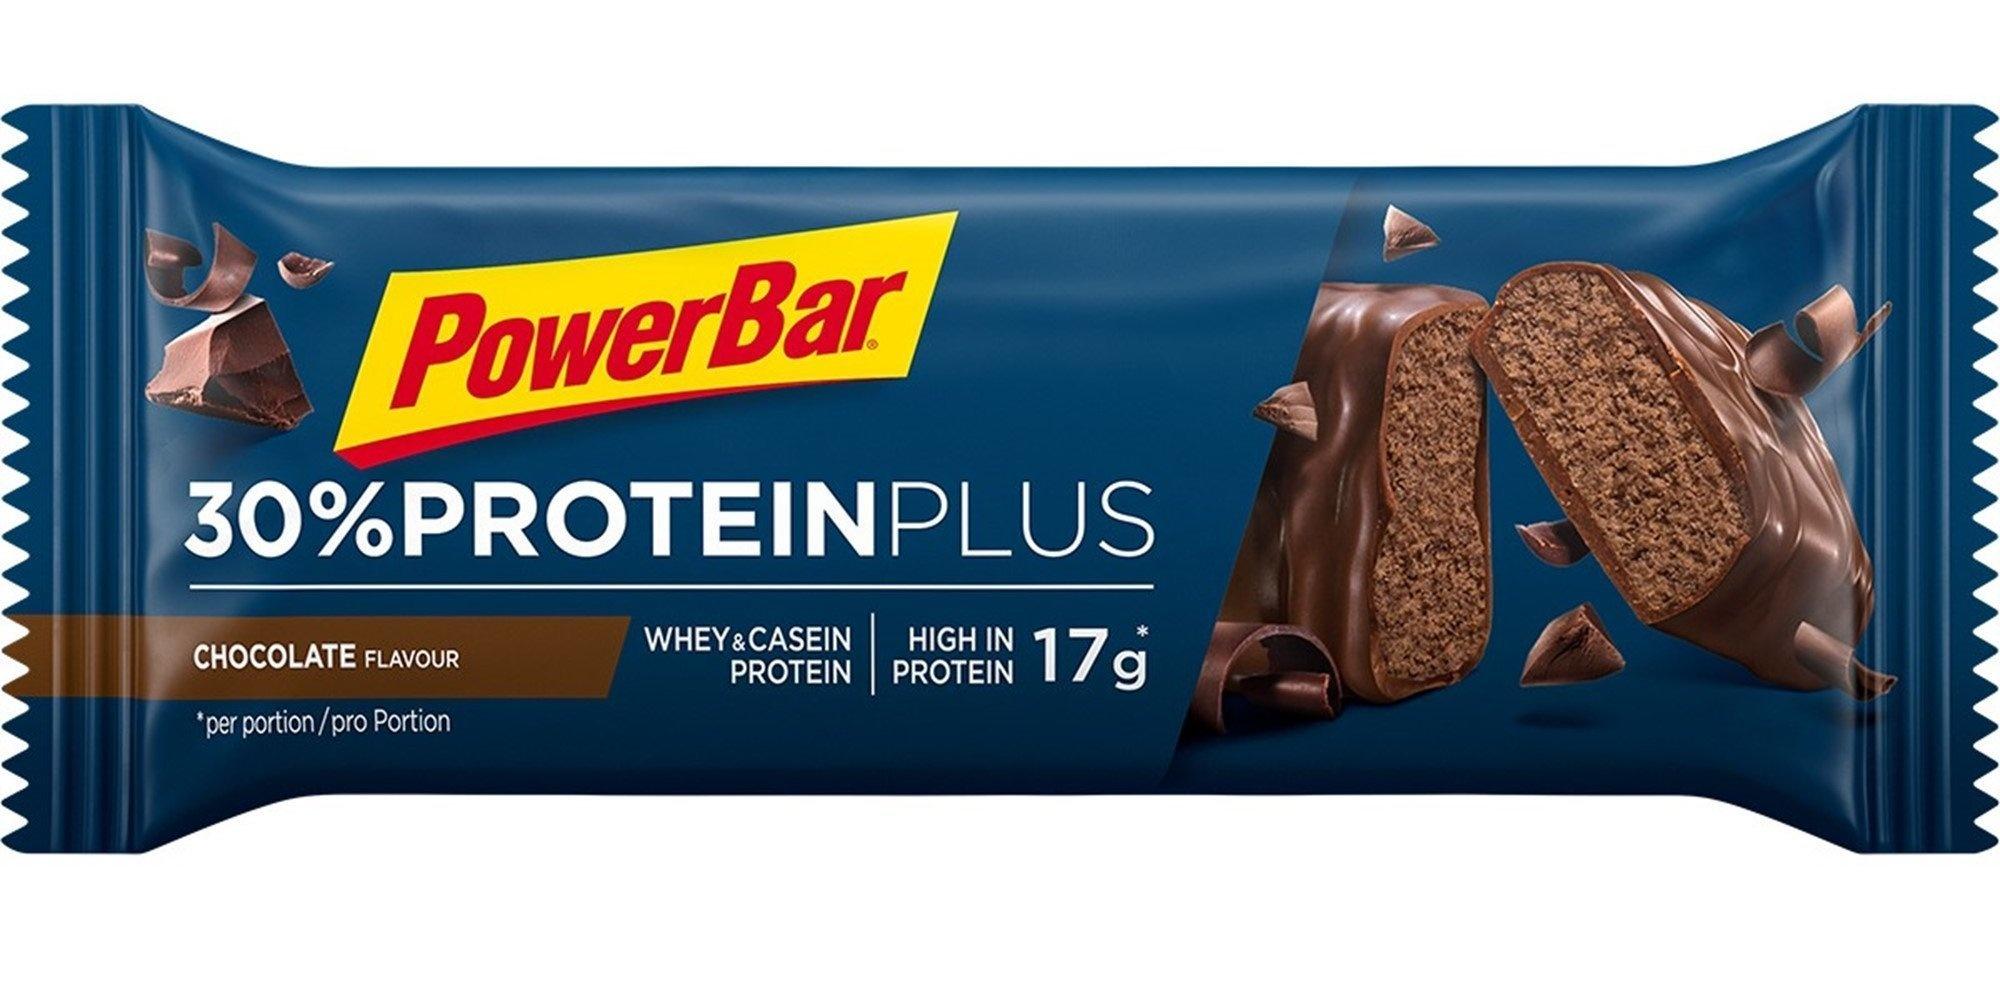 PowerBar 30% Protein Plus Chocolate